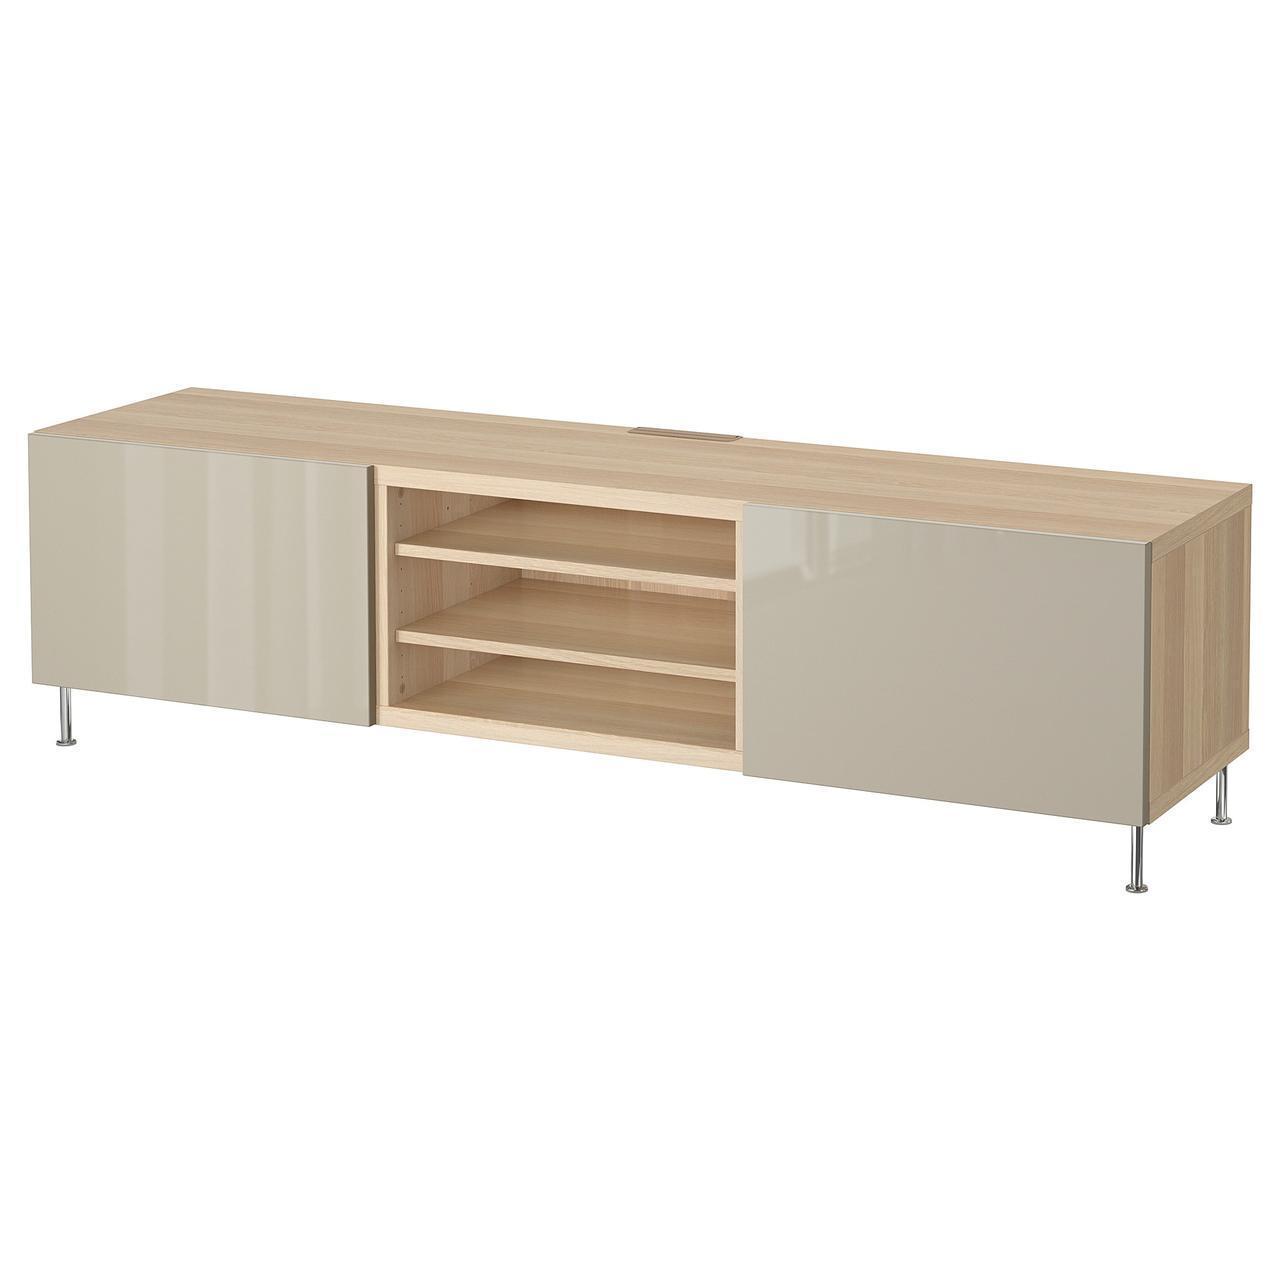 IKEA BESTA Тумба под телевизор с ящиками, белый дуб, Сельсвикен/Сталларп (792.675.91)